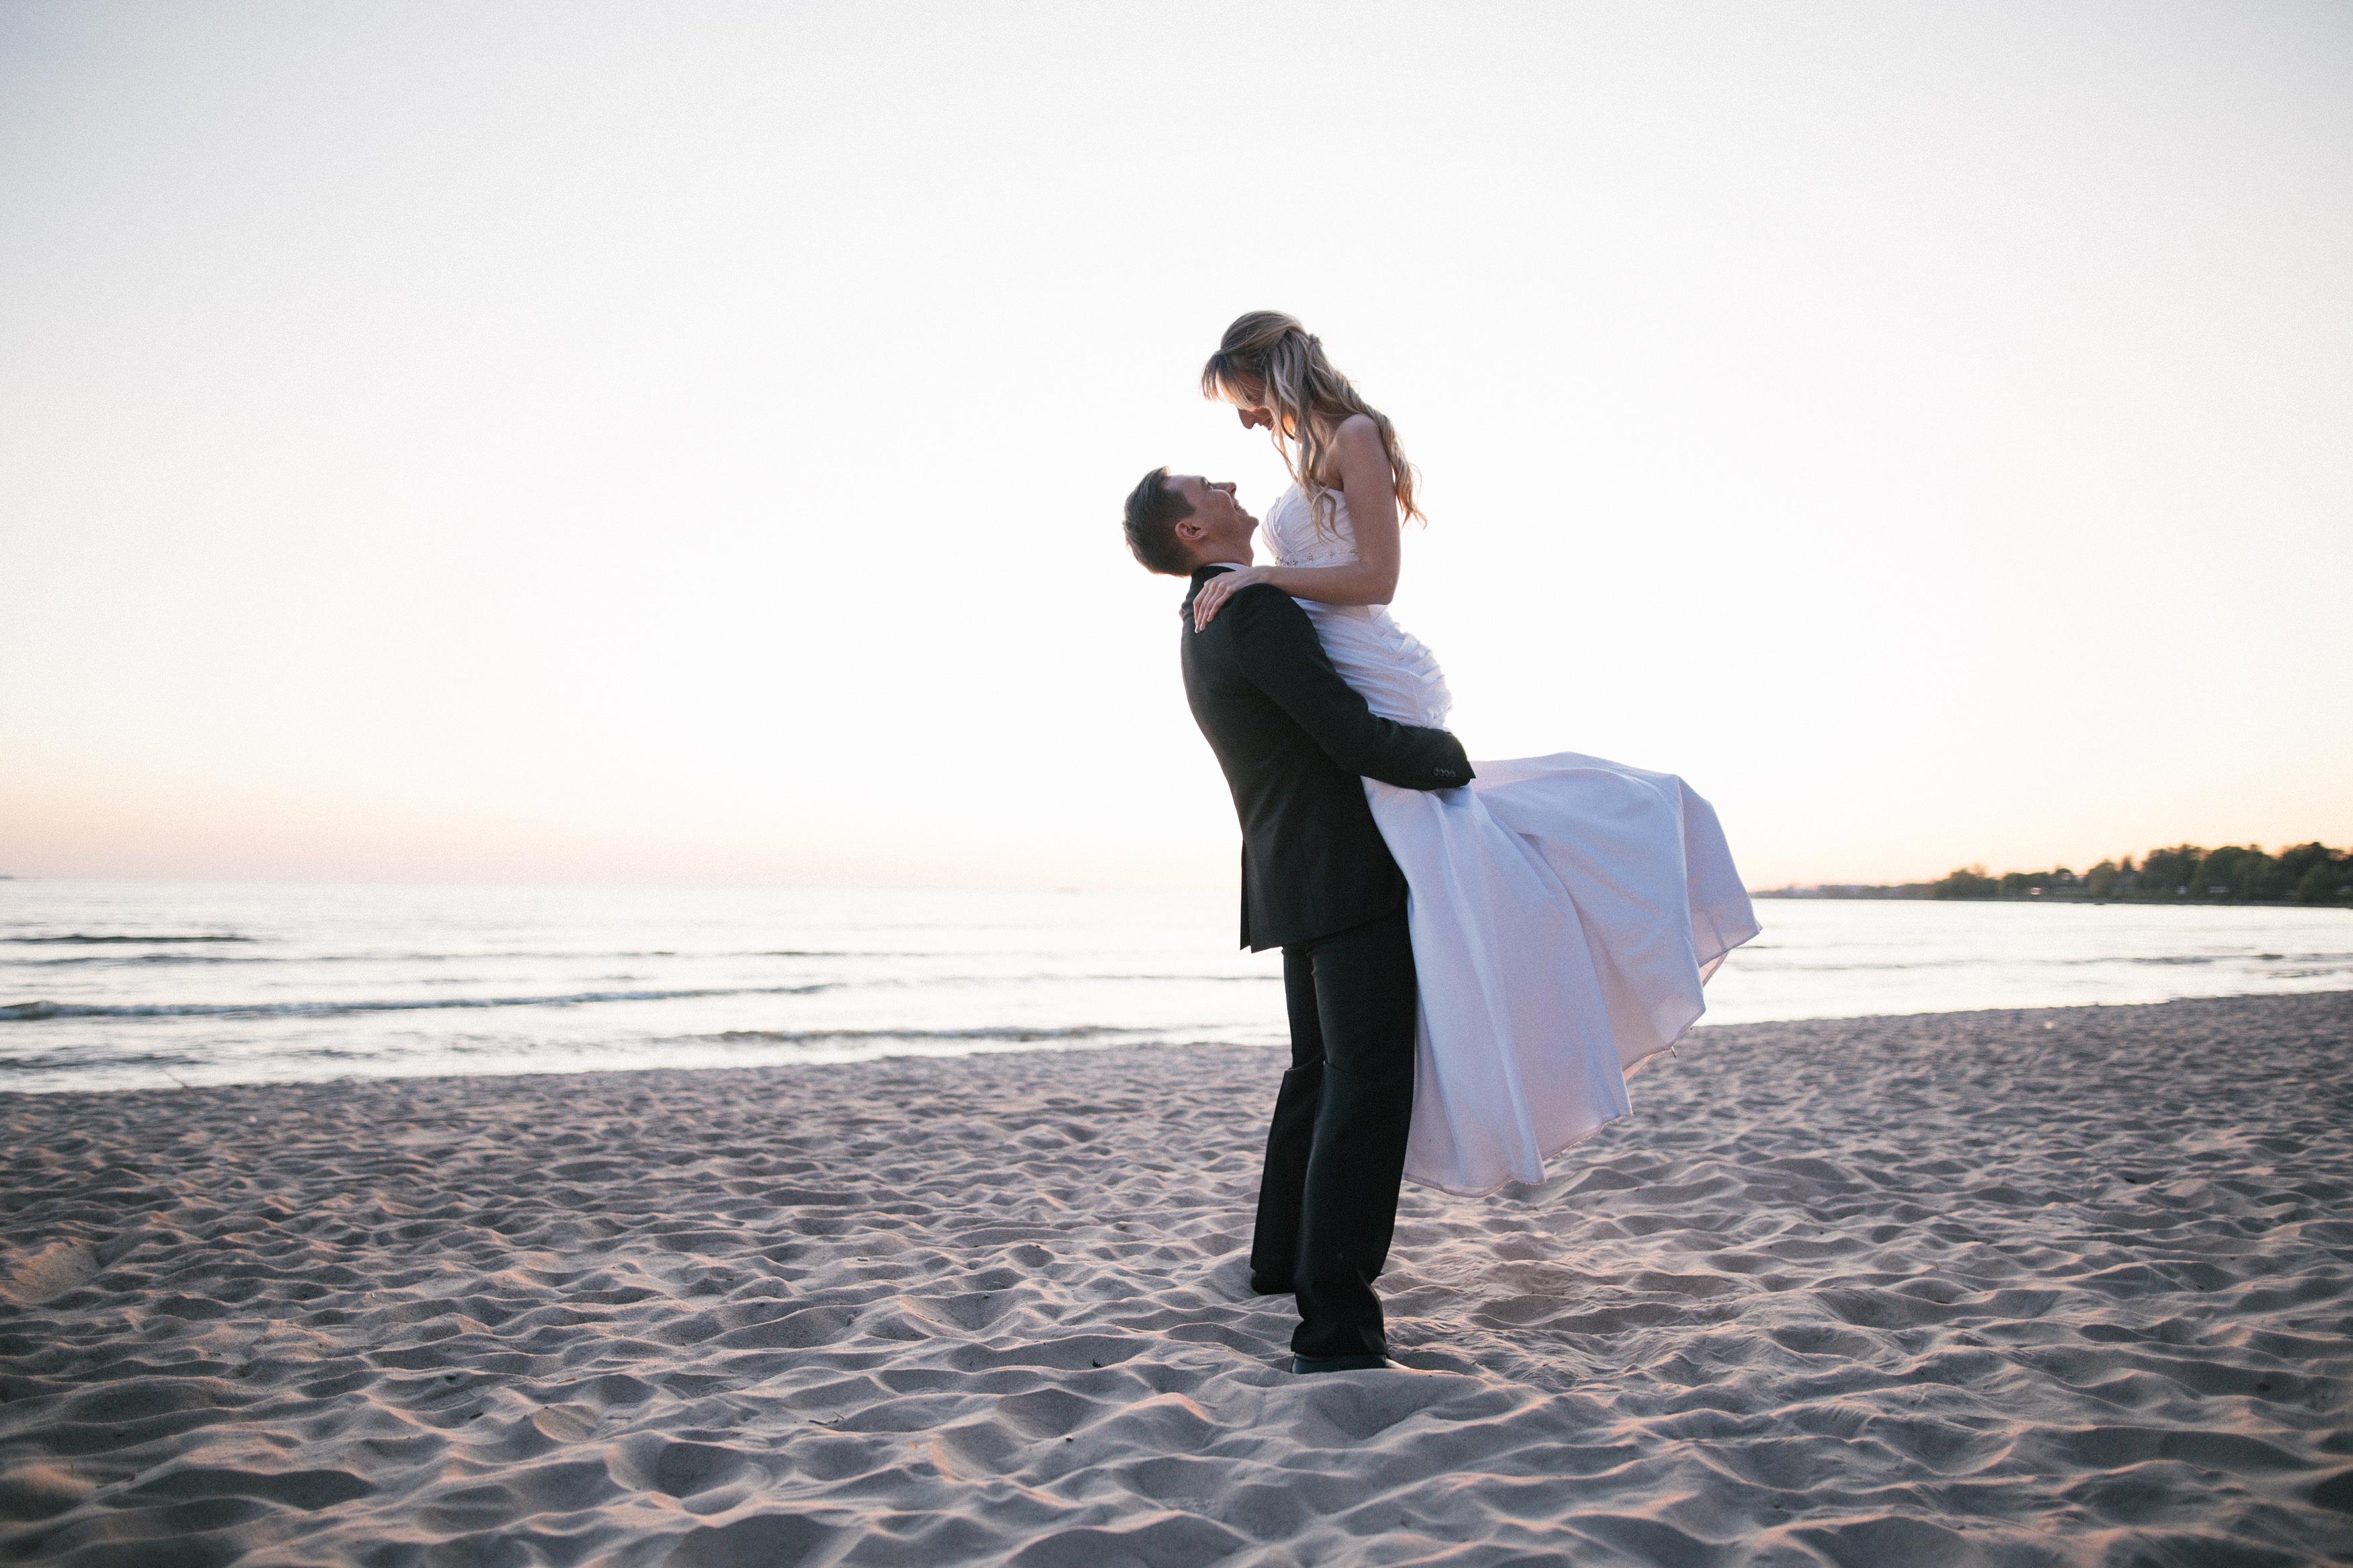 Suvised pulmad mererannas